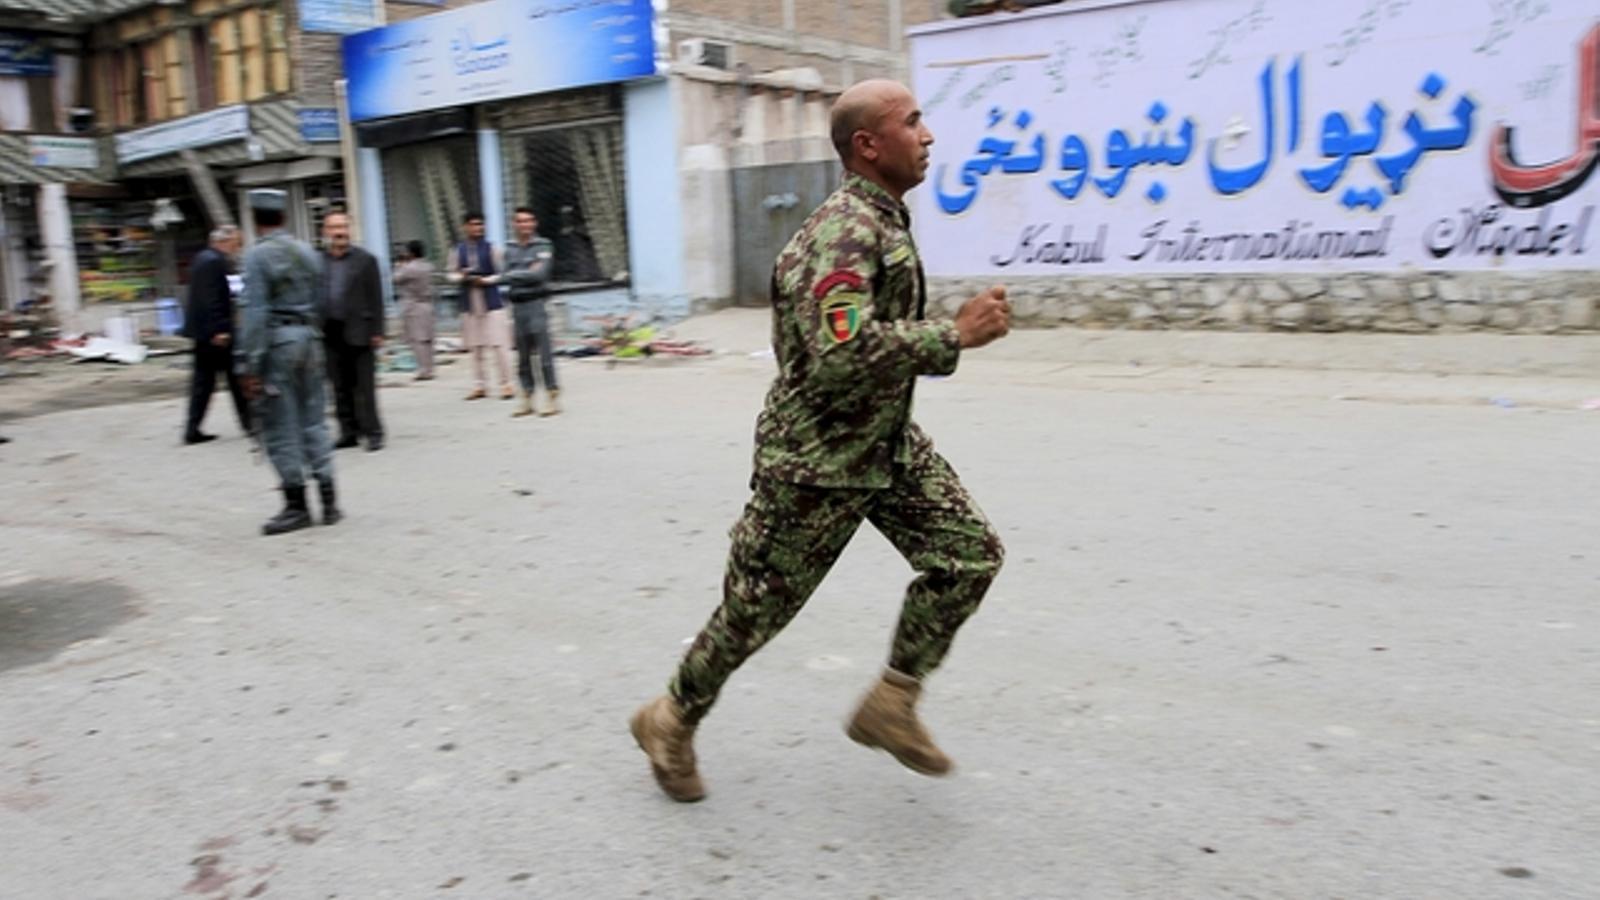 Un agent de les forces de seguretat corre en el lloc de l'atemptat. REUTERS